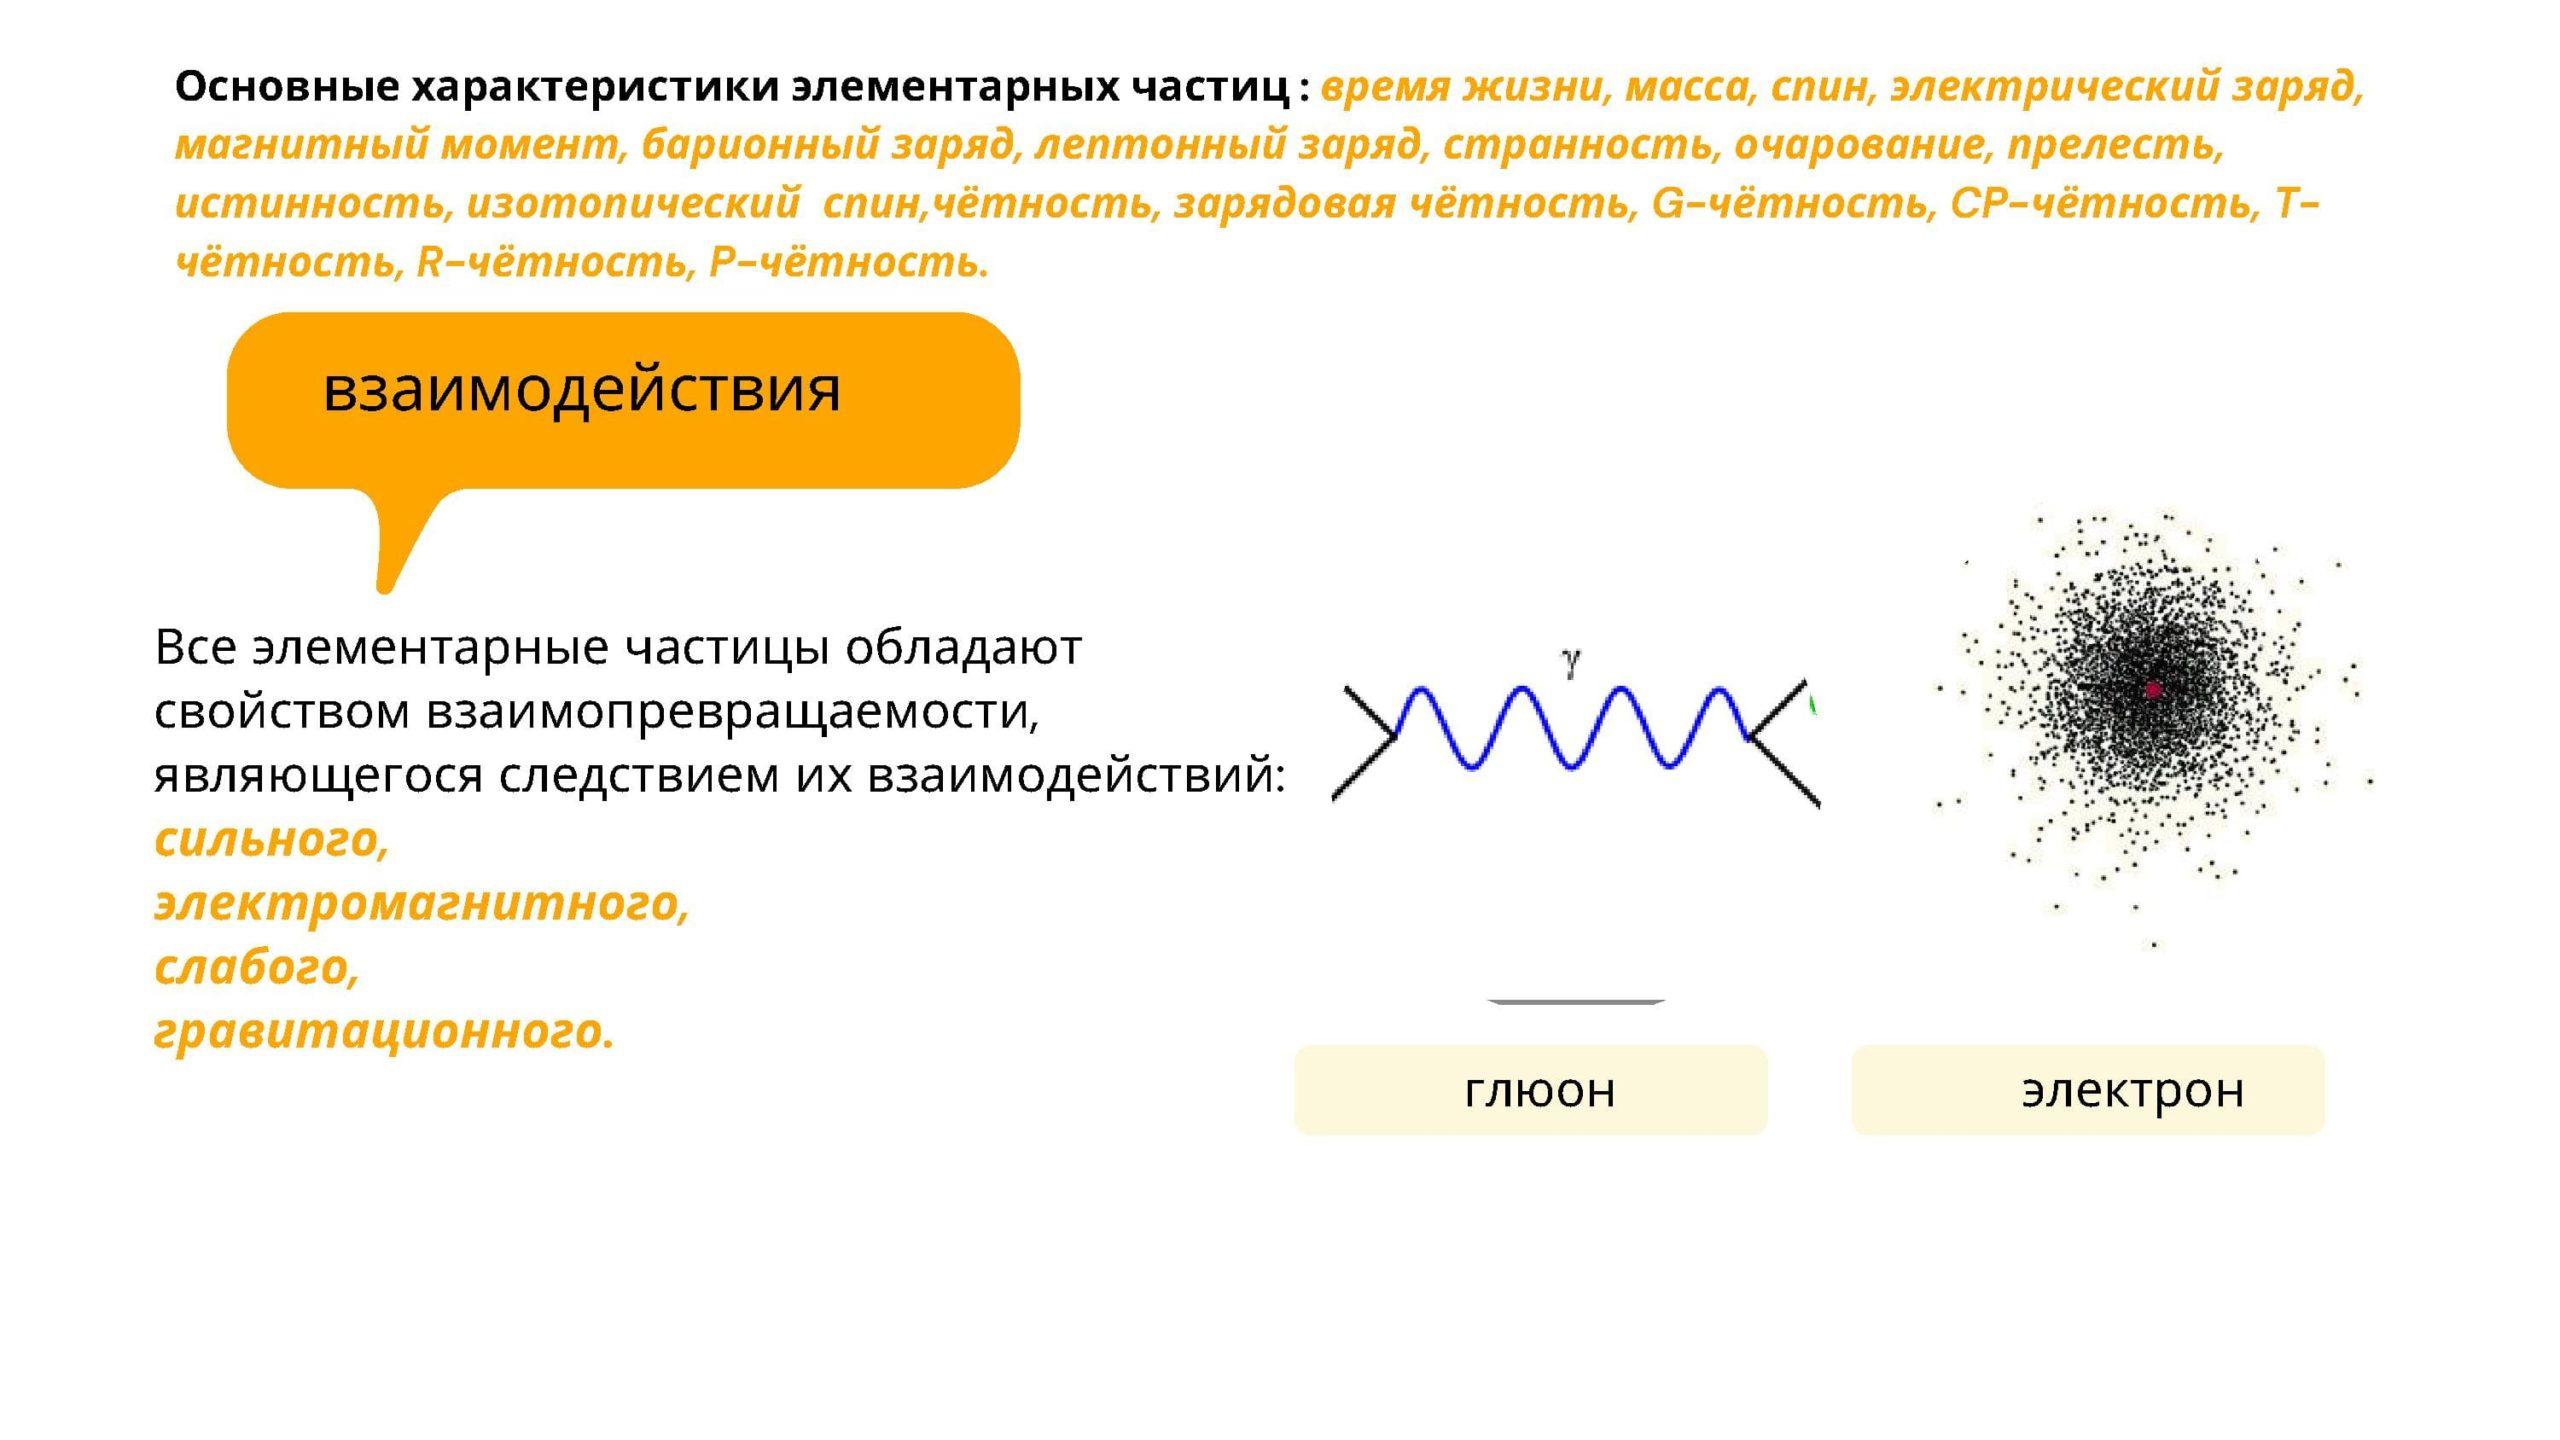 Основные характеристики элементарных частиц